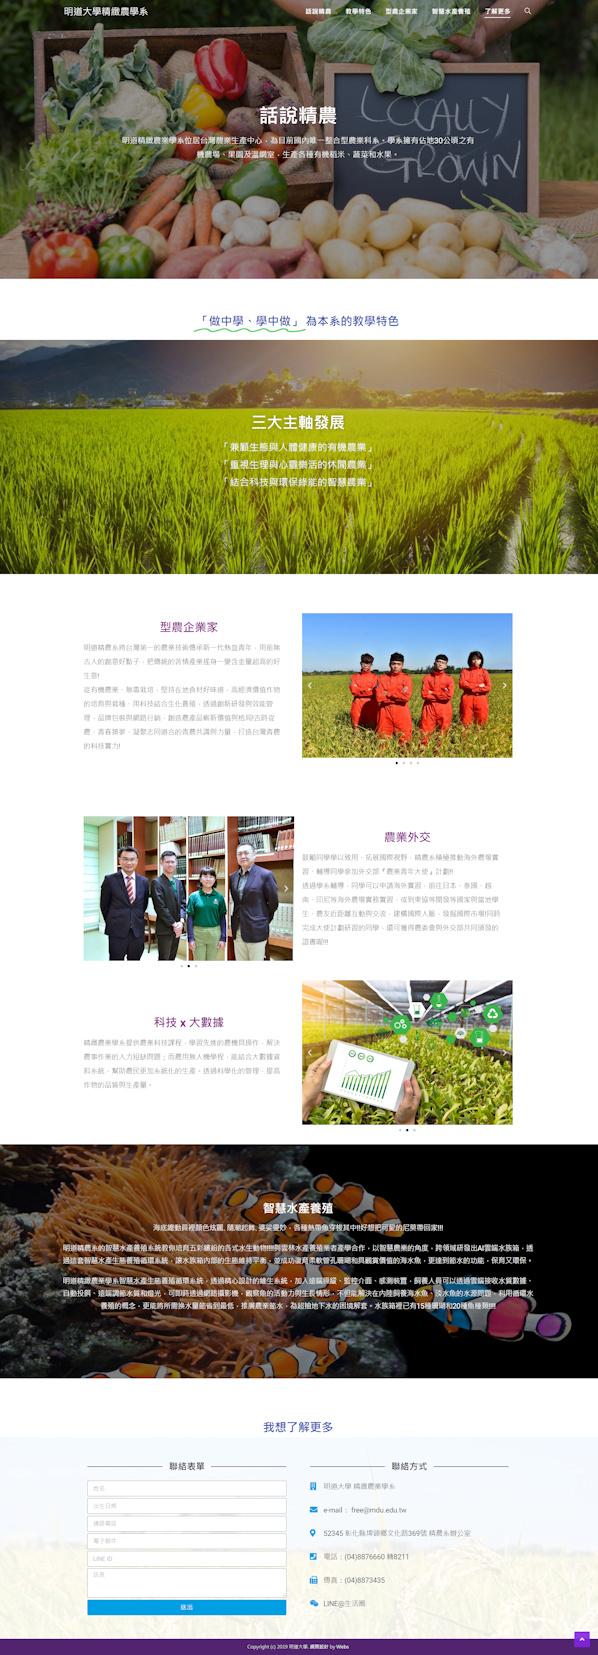 網頁設計-精緻農業系2